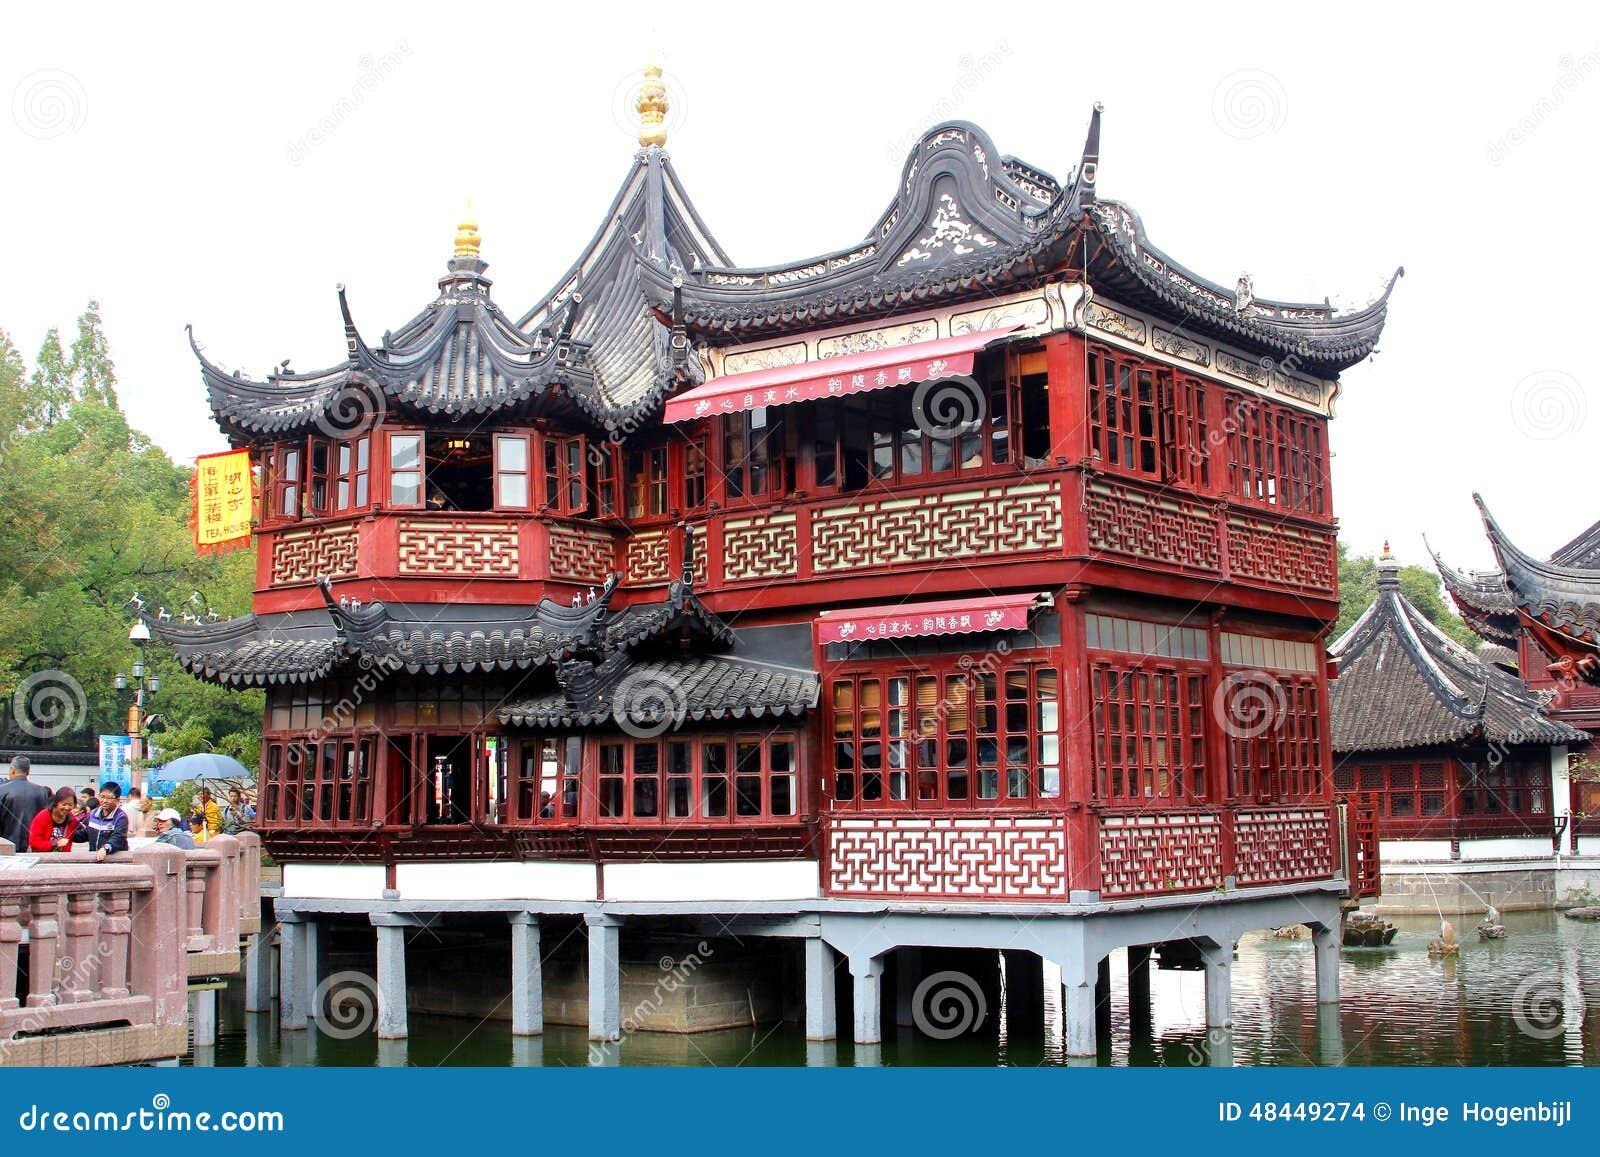 La maison de th de huxinting la maison de th la plus ancienne de changha chine image stock - Maison de la chine boutique ...